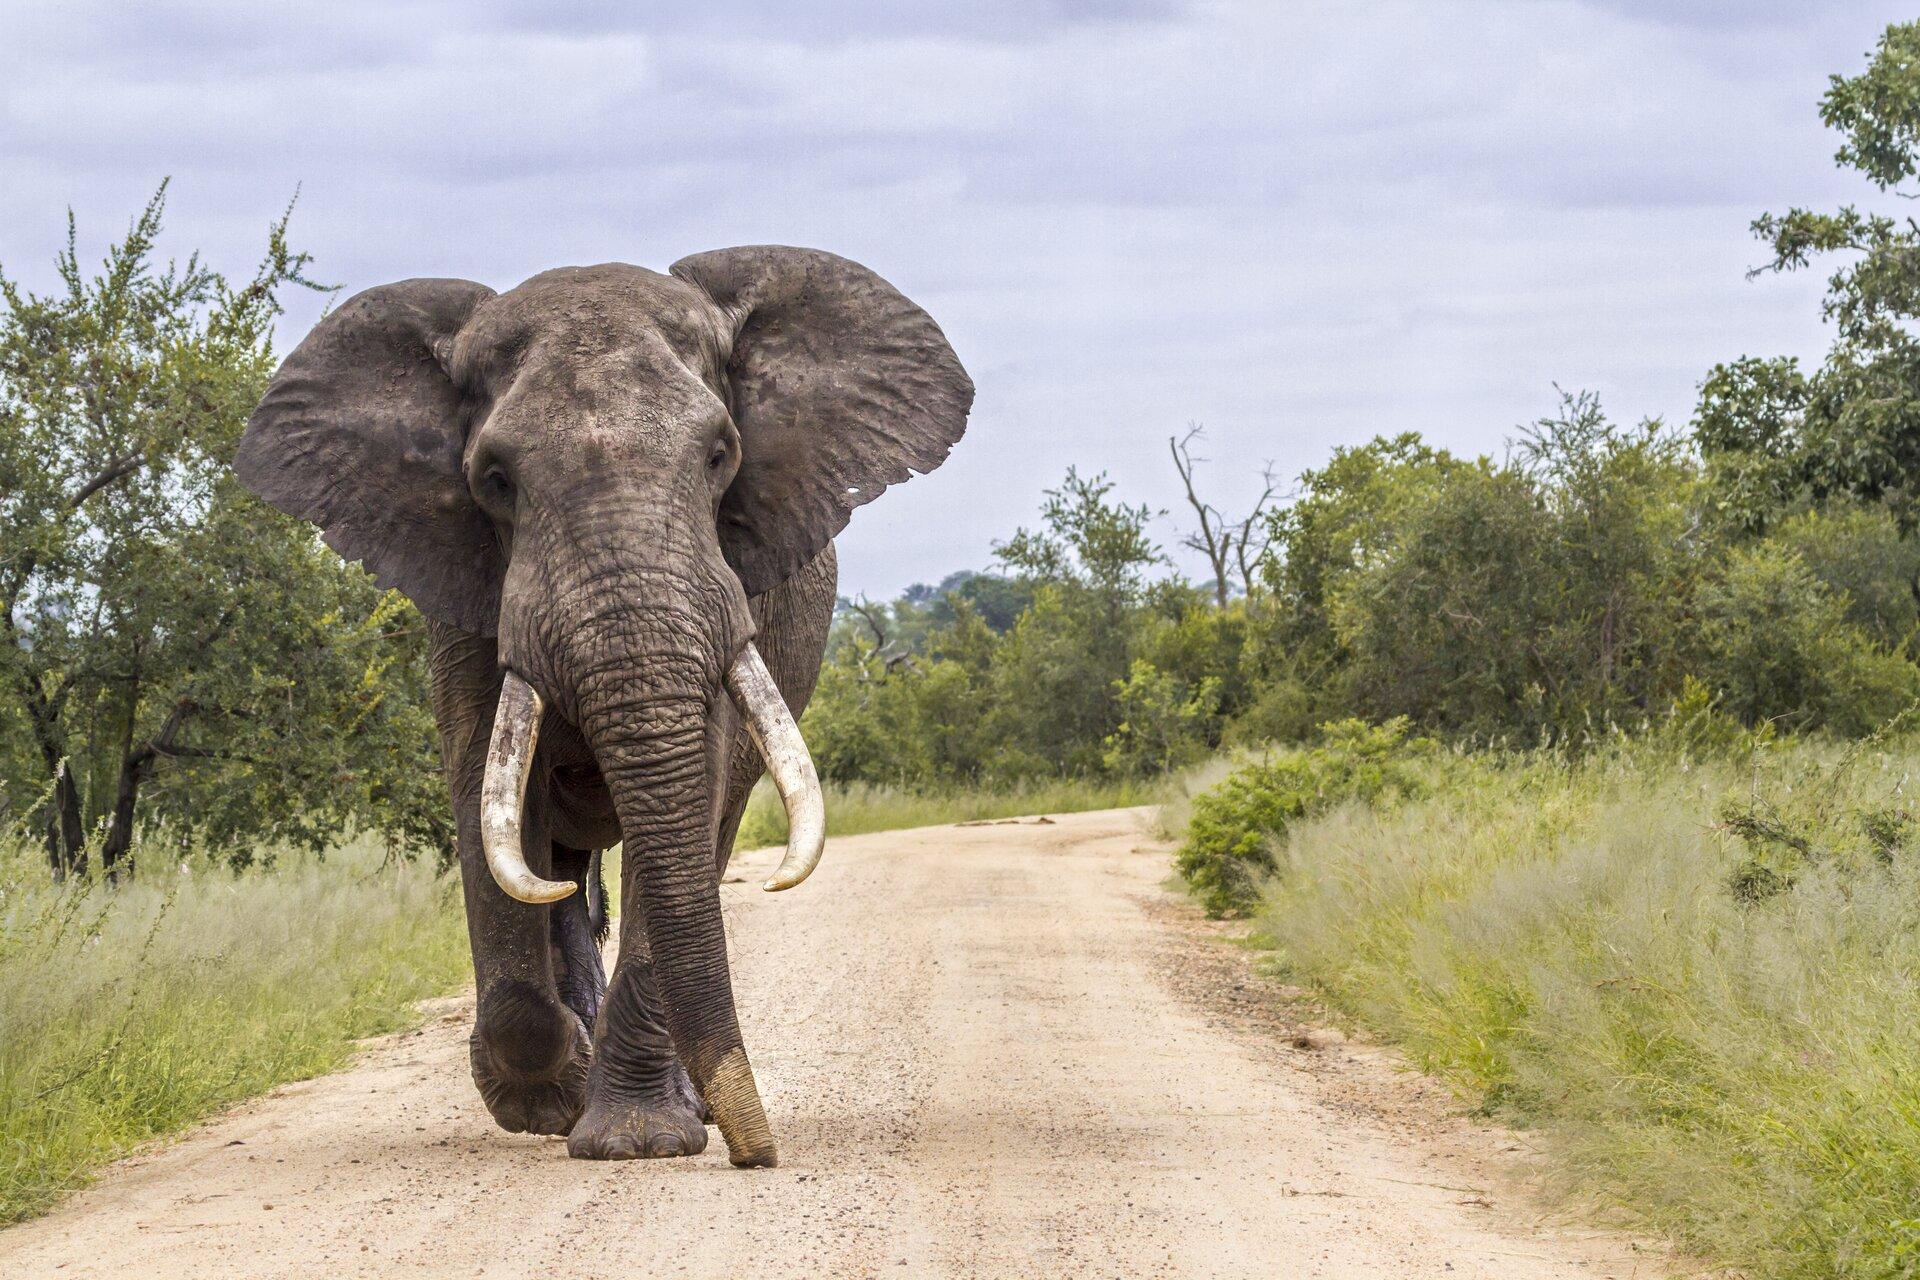 """Ilustracja przedstawia ssaka zrodziny słoniowatych. Camille Saint-Saëns wswoim cyklu """"Karnawał zwierząt"""" poświęcił jeden zutworów słoniowi, starając się oddać ruch zwierzęcia za pomocą niskiego brzmienia kontrabasu."""